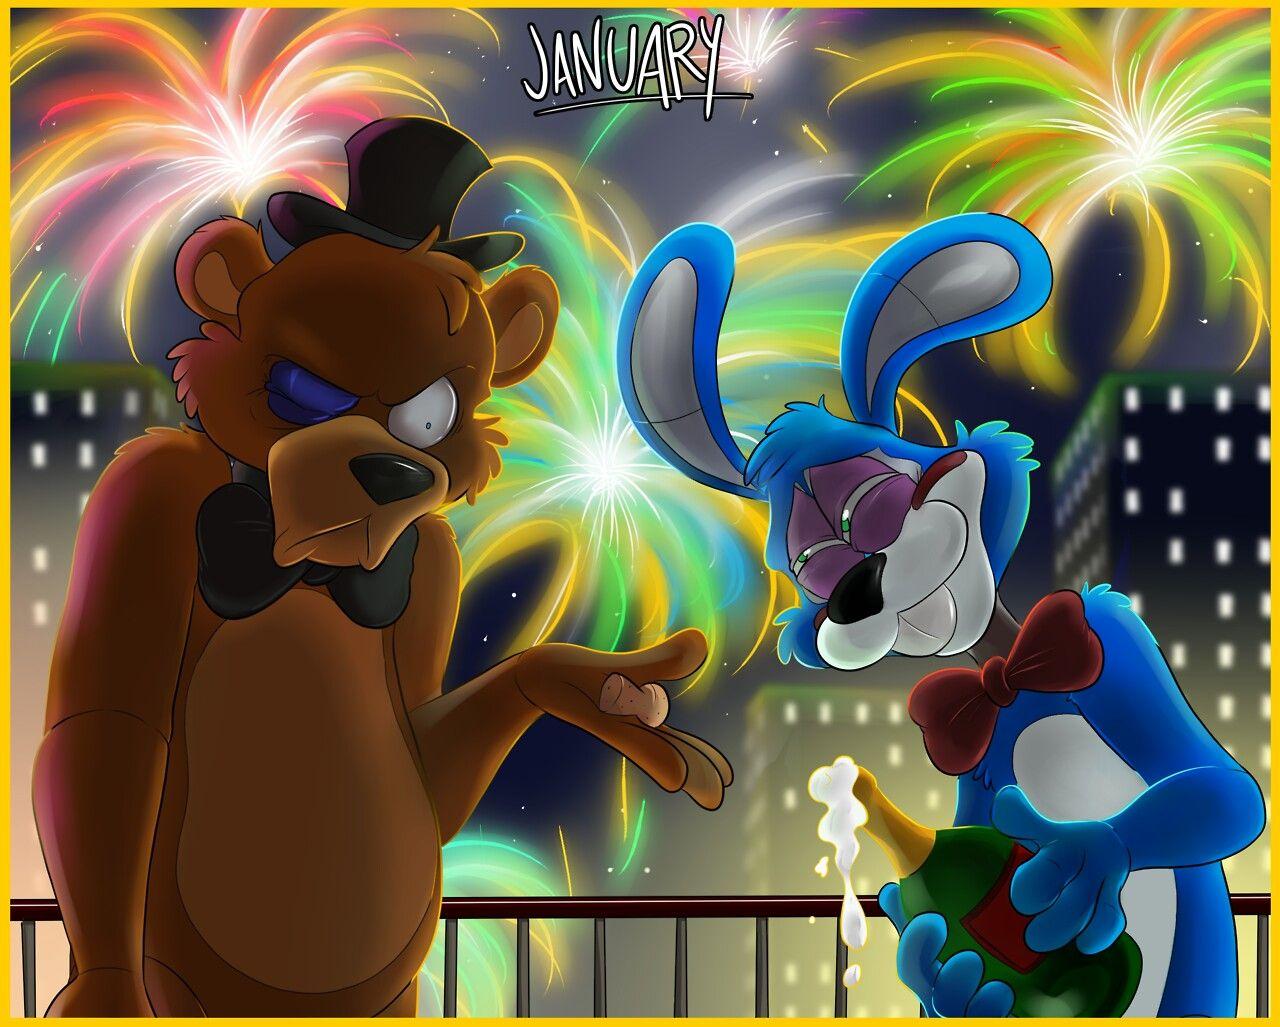 Five Nights At Freddy's Bonnie Animated tony crynight fnaf animation calendar - toy bonnie & freddy